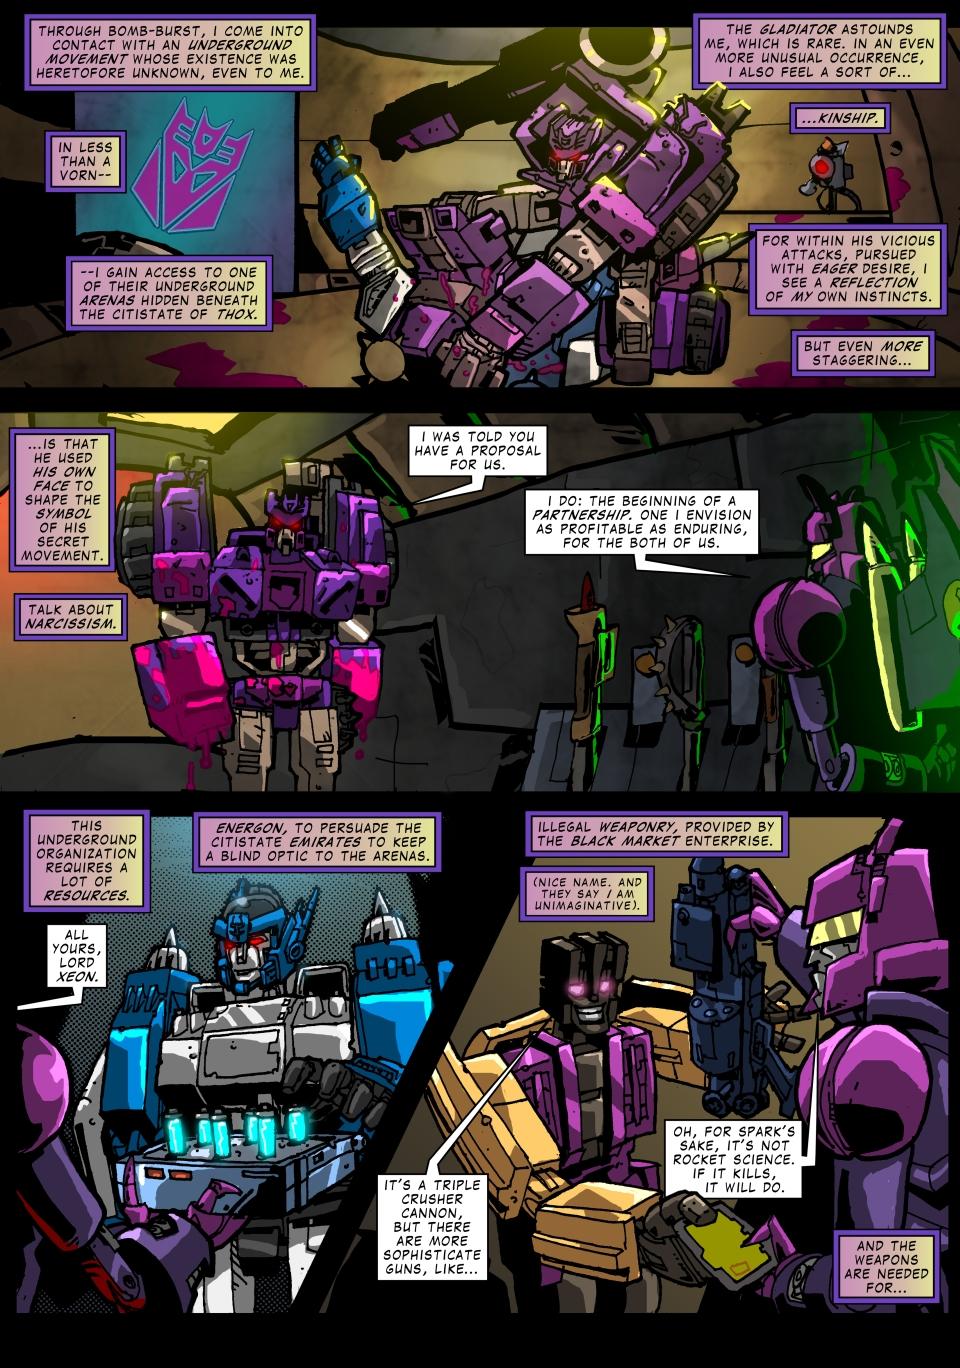 Ratbat - page 08